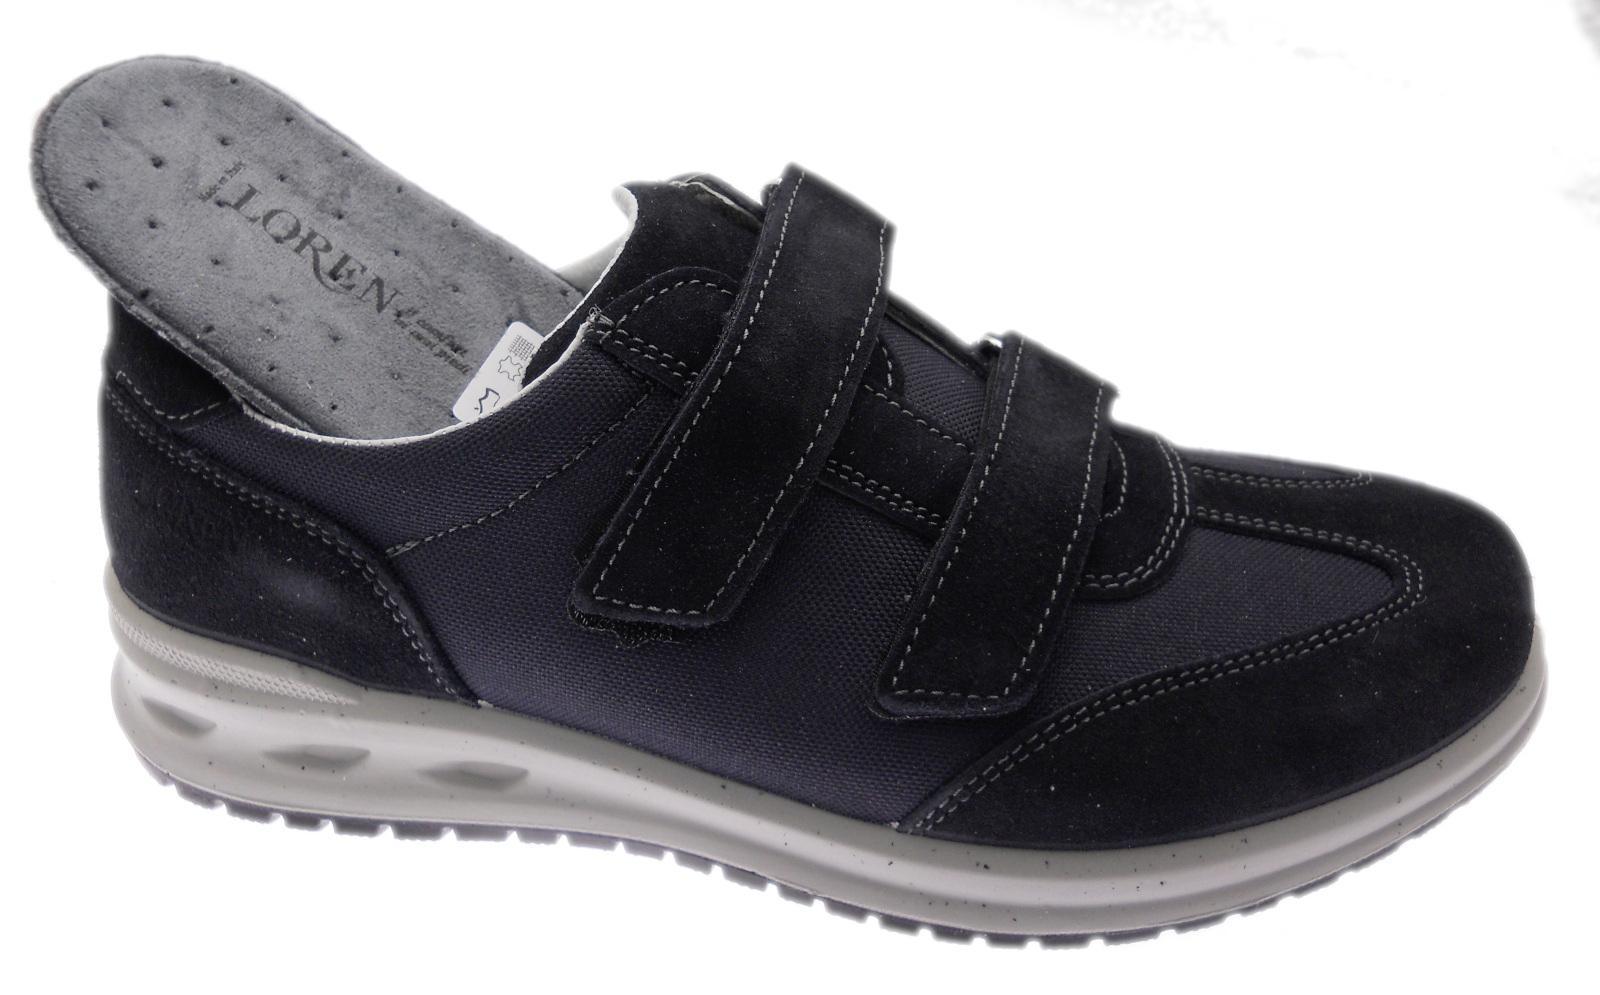 LOREN G0322 zapatilla de deporte ortopedica plantare estraibile azul strappo Loren